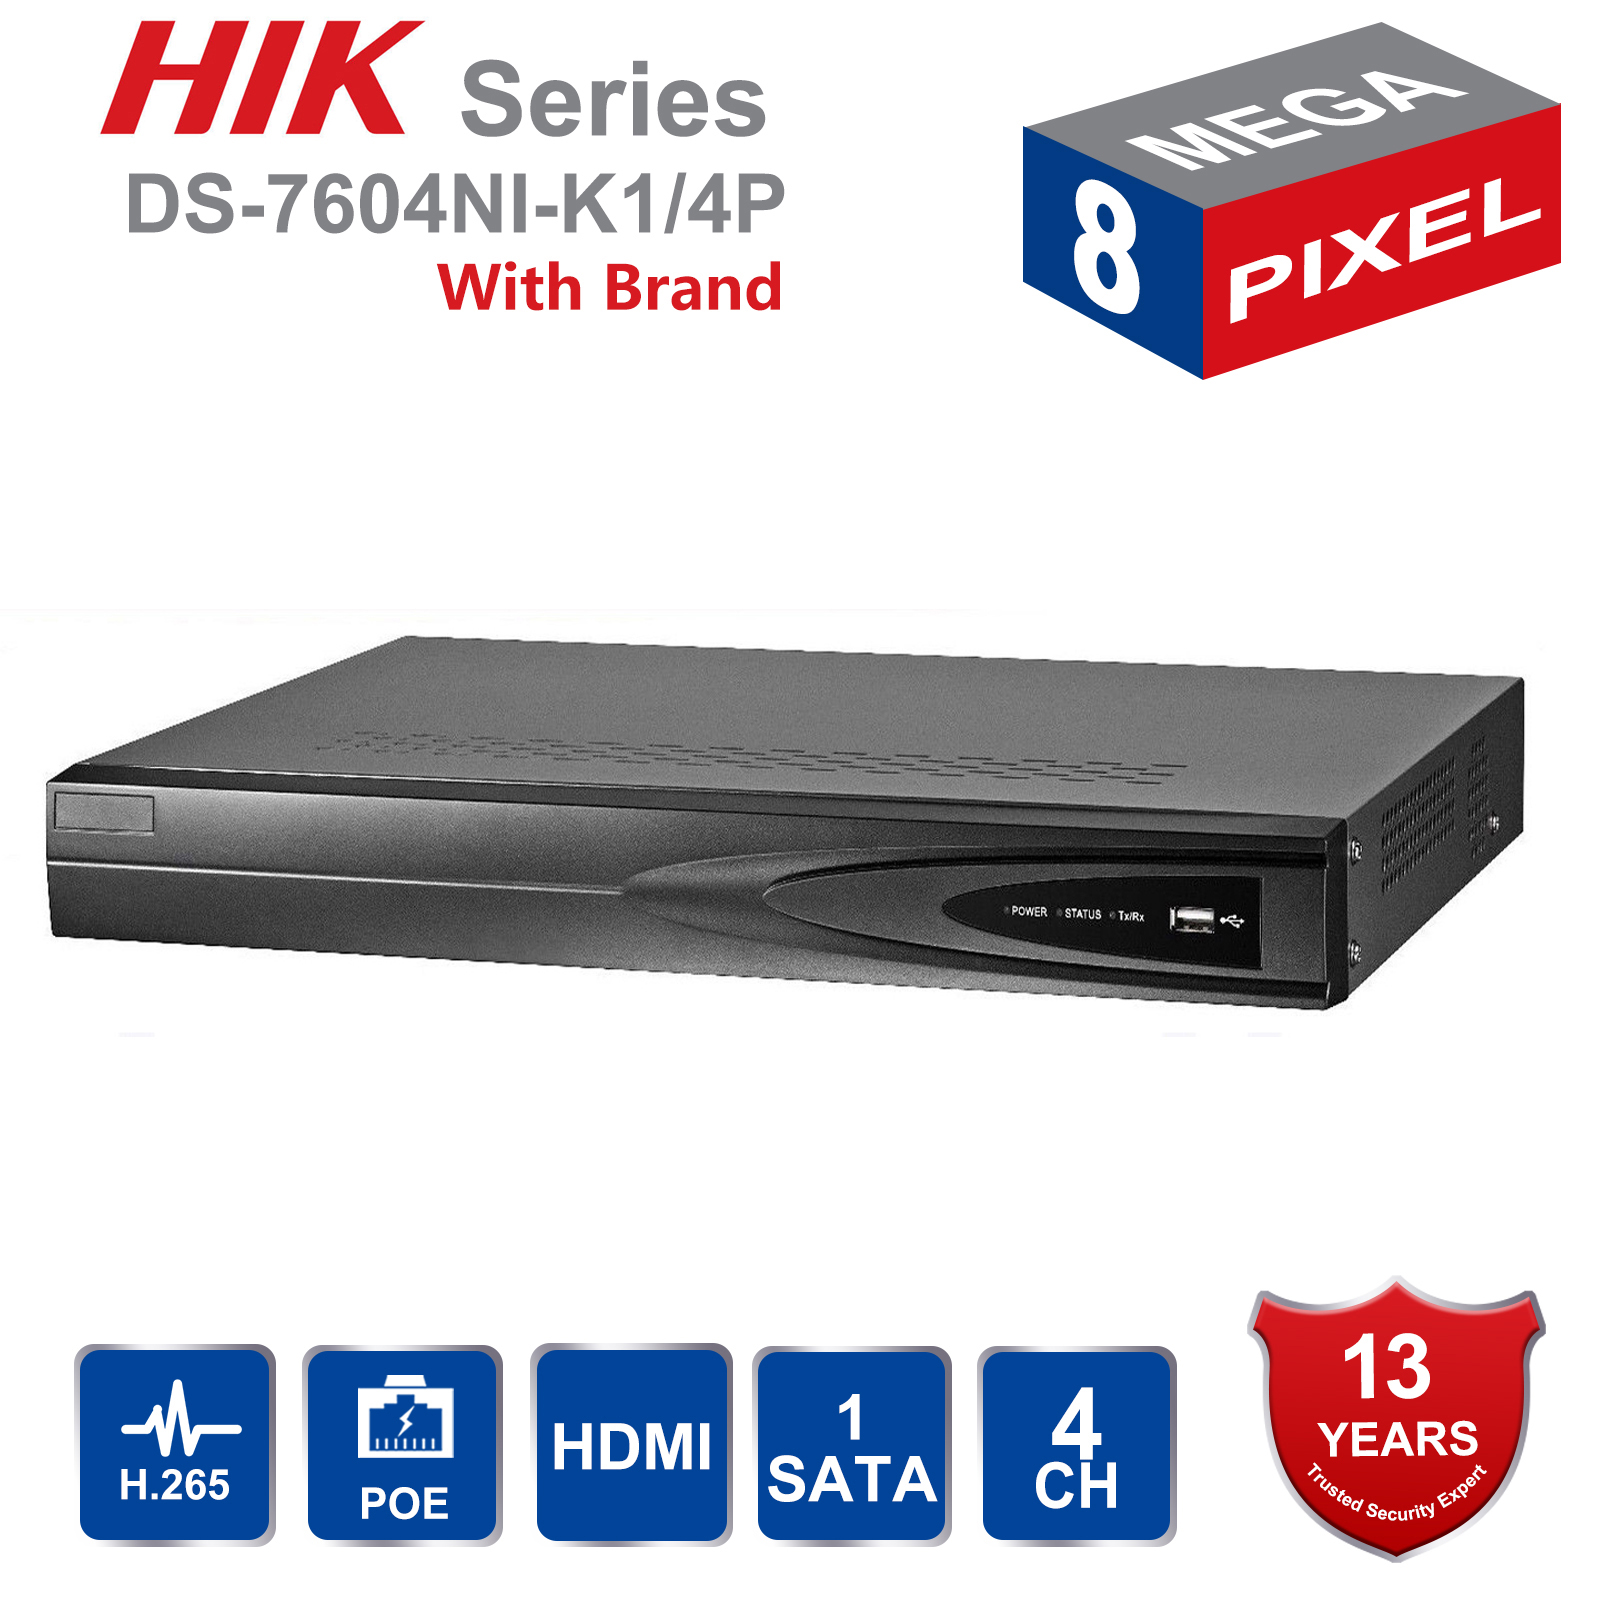 Hik Original Inglês 4CH PoE NVR DS-7604NI-K1/4 P 4 Canais Incorporado Plug Play NVR com 4 4K portas PoE para a Câmera IP Sistema de CFTV